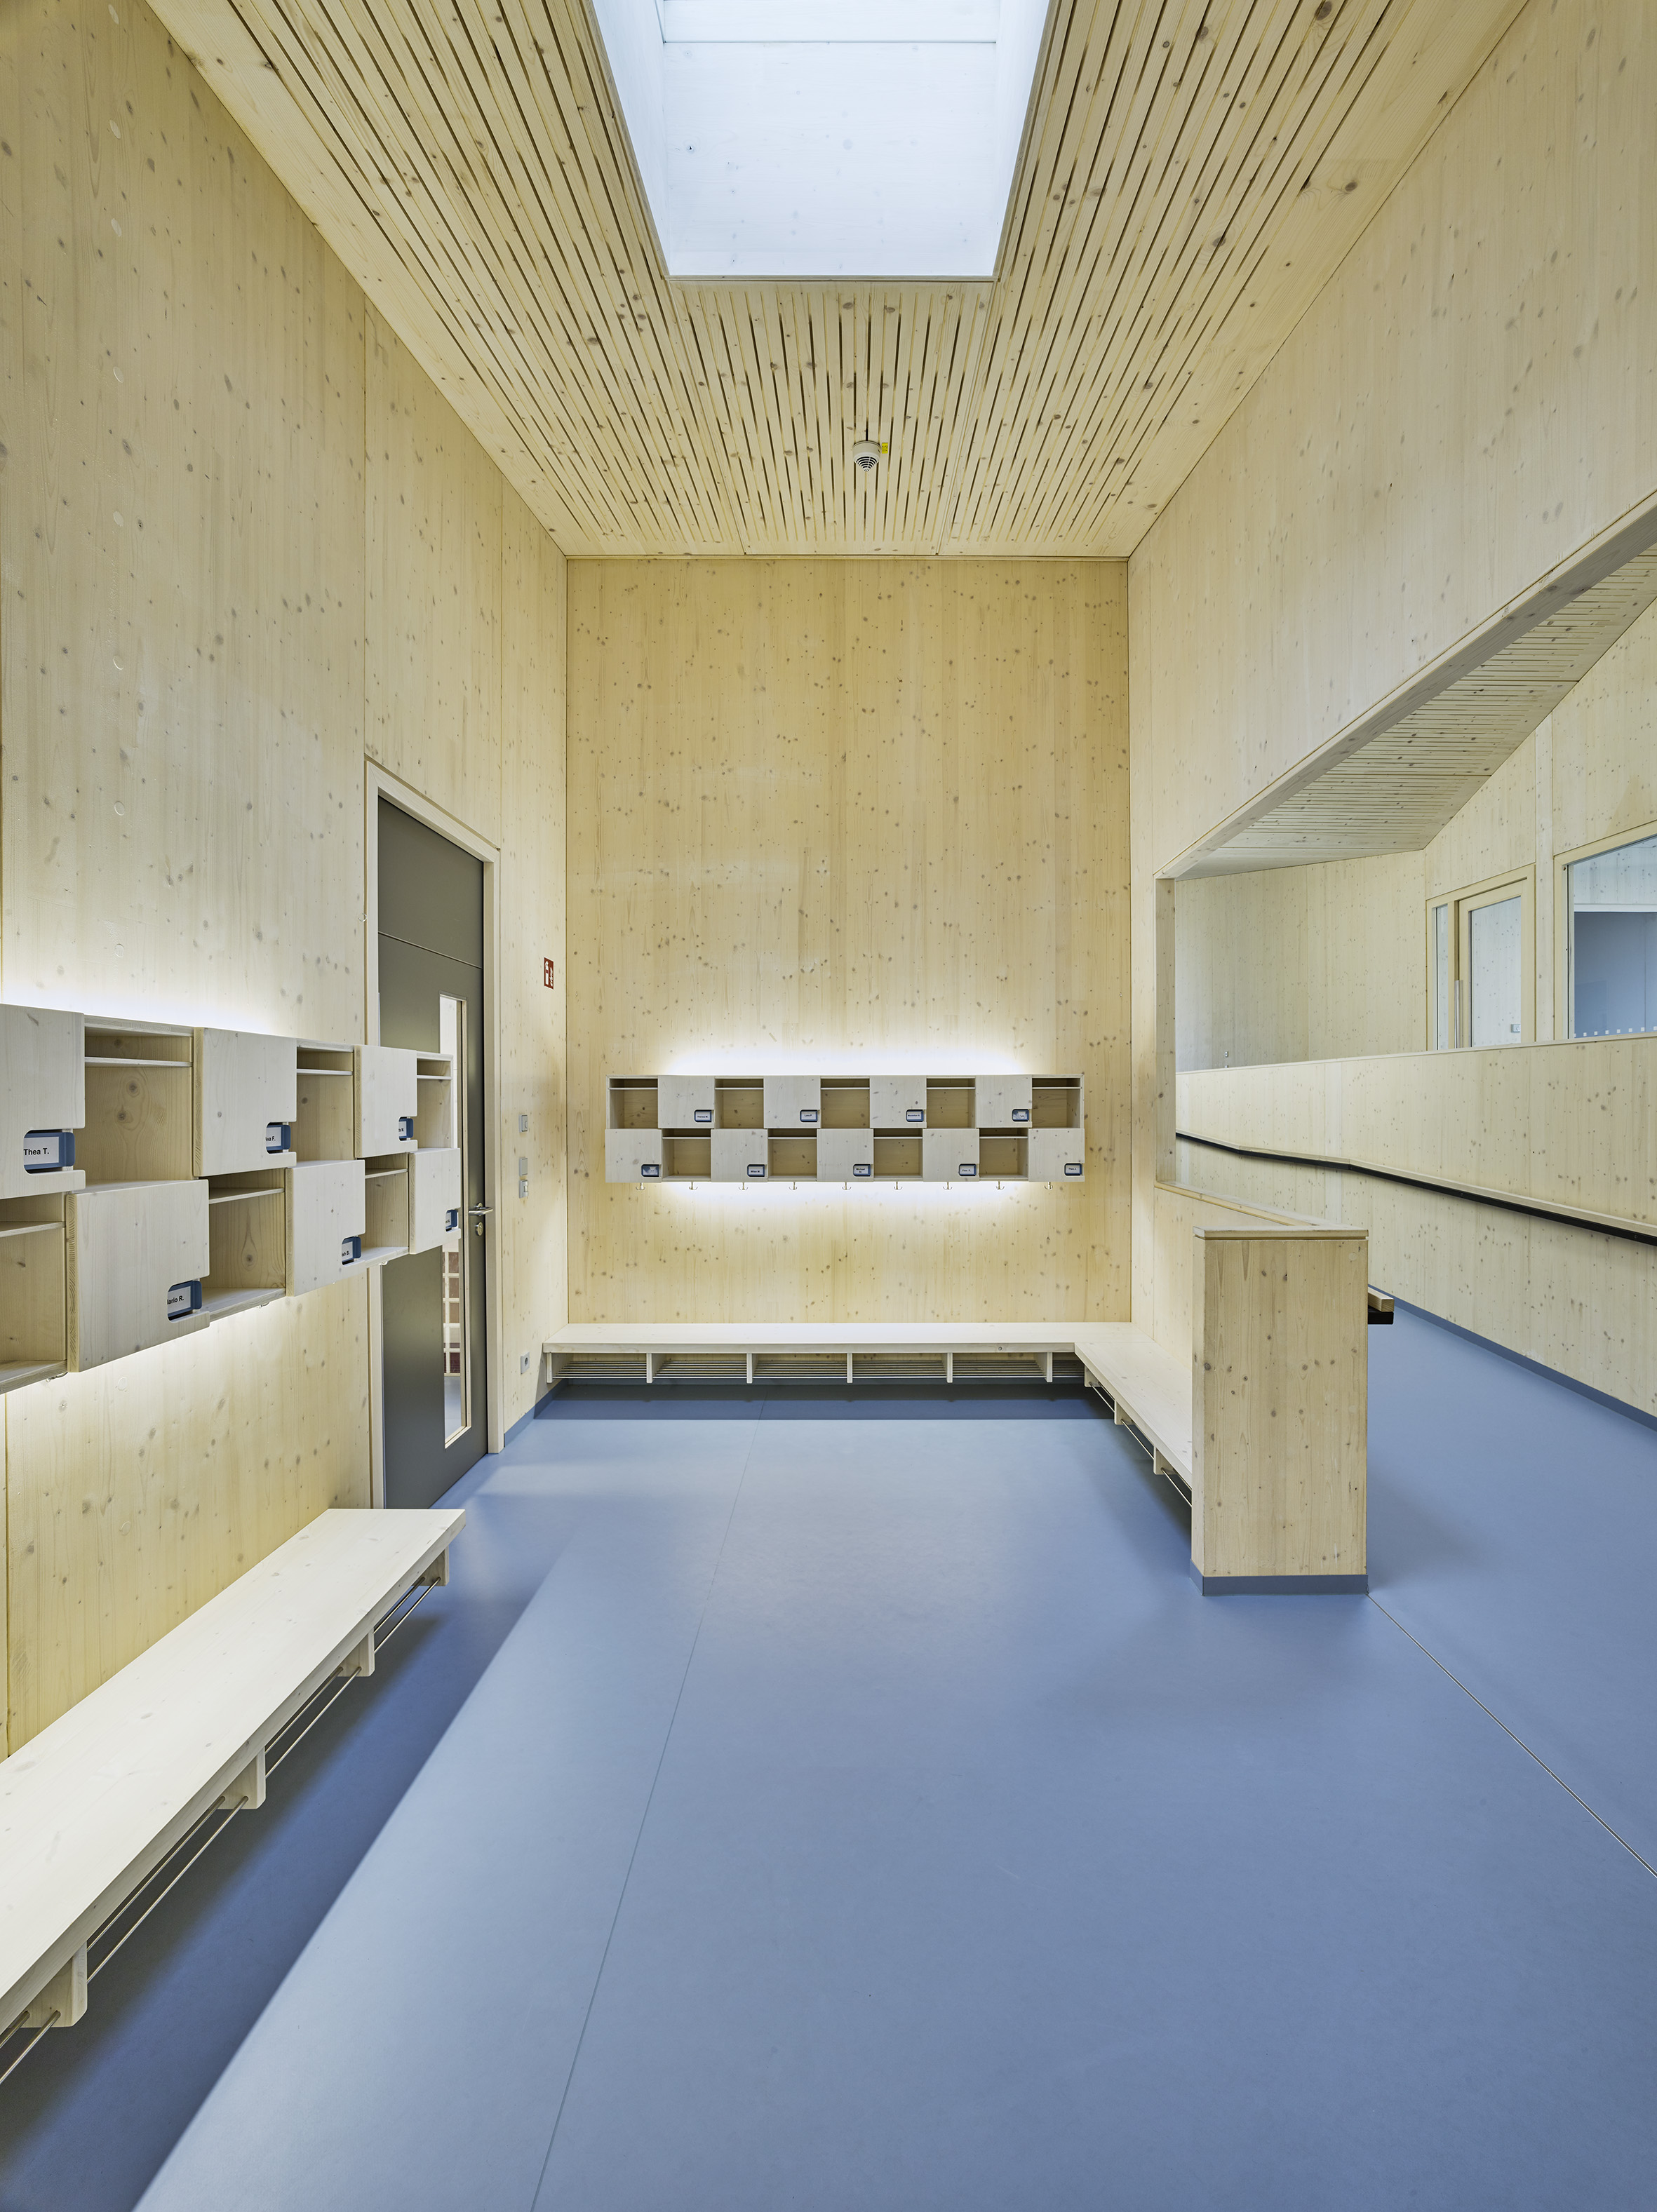 Kinderhaus Holzkirchen – Hirner Riehl Architekten